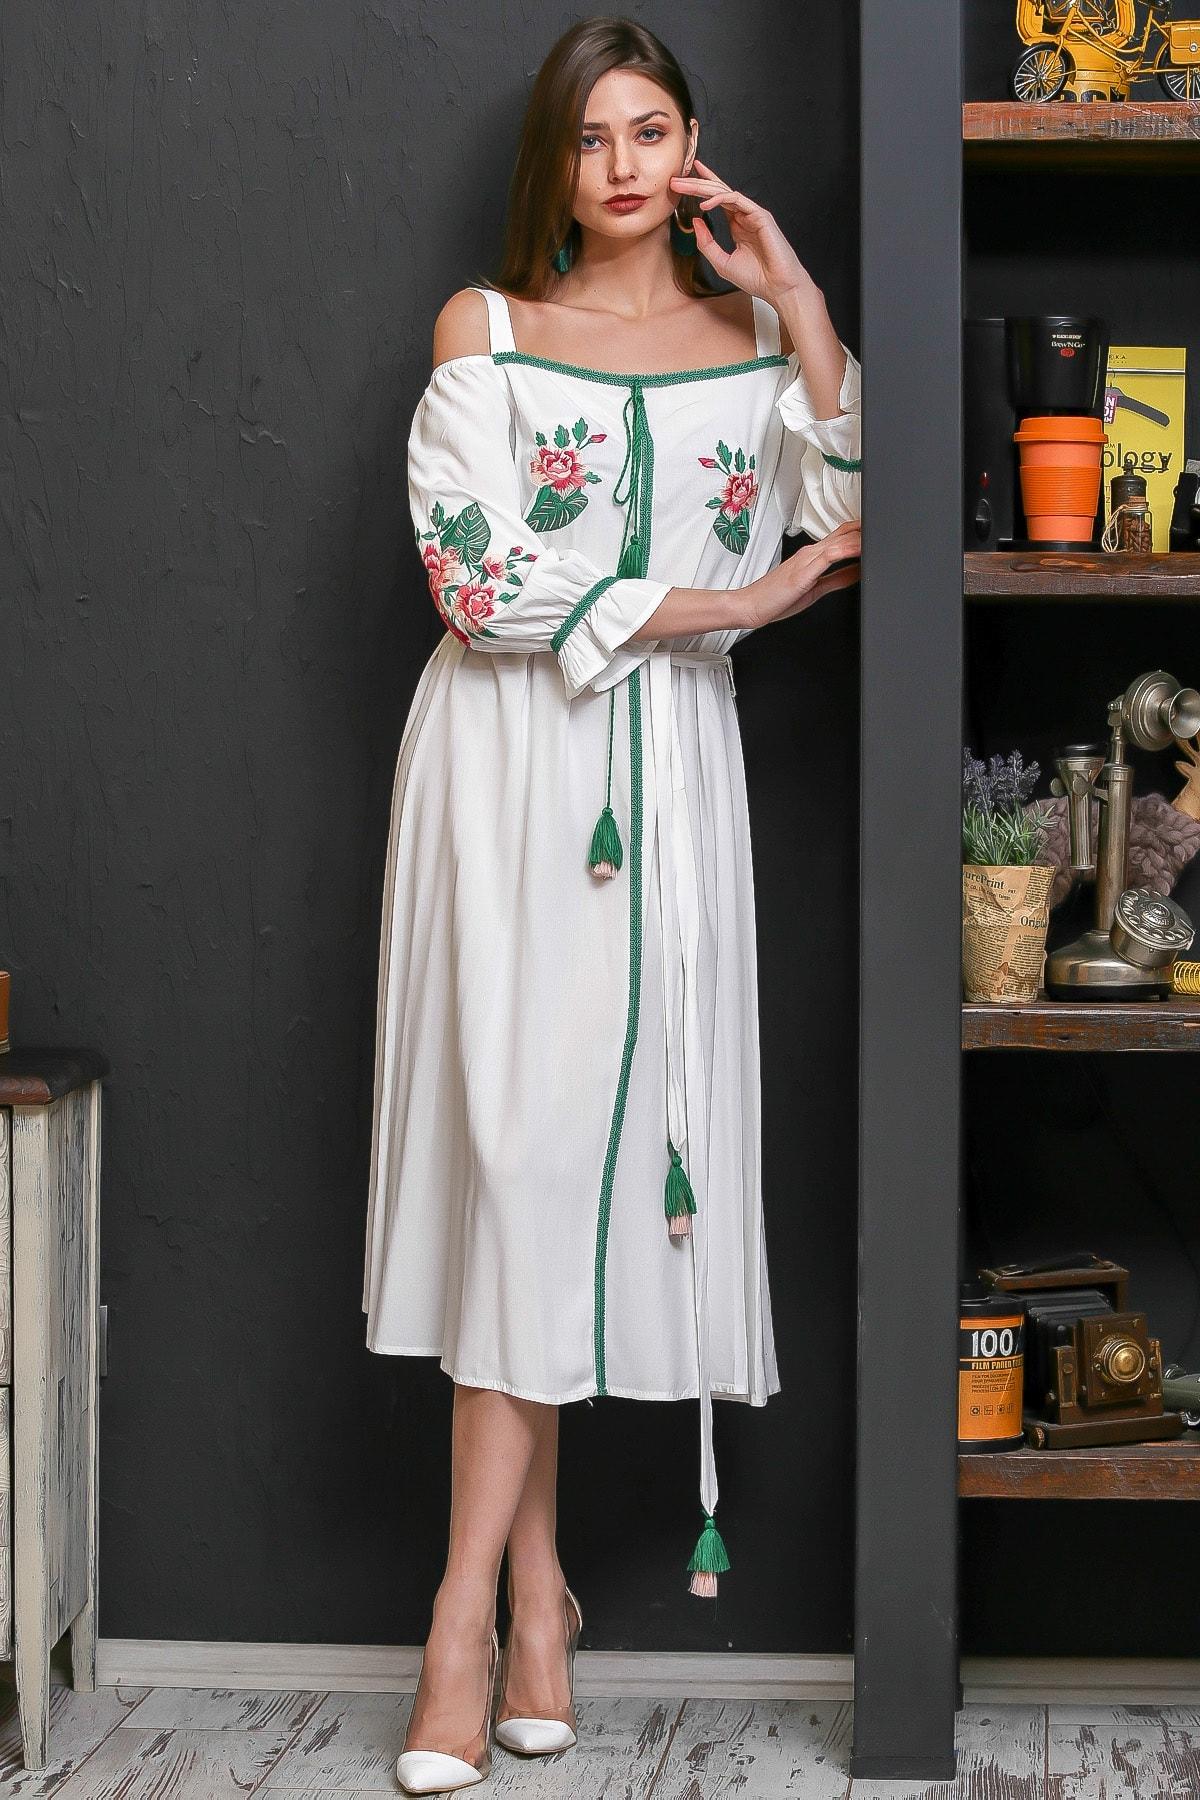 Chiccy Kadın Beyaz Carmen Yaka Gül Nakışlı Şeritli Püsküllü Kuşaklı Askılı Dokuma Elbise M10160000EL95875 2